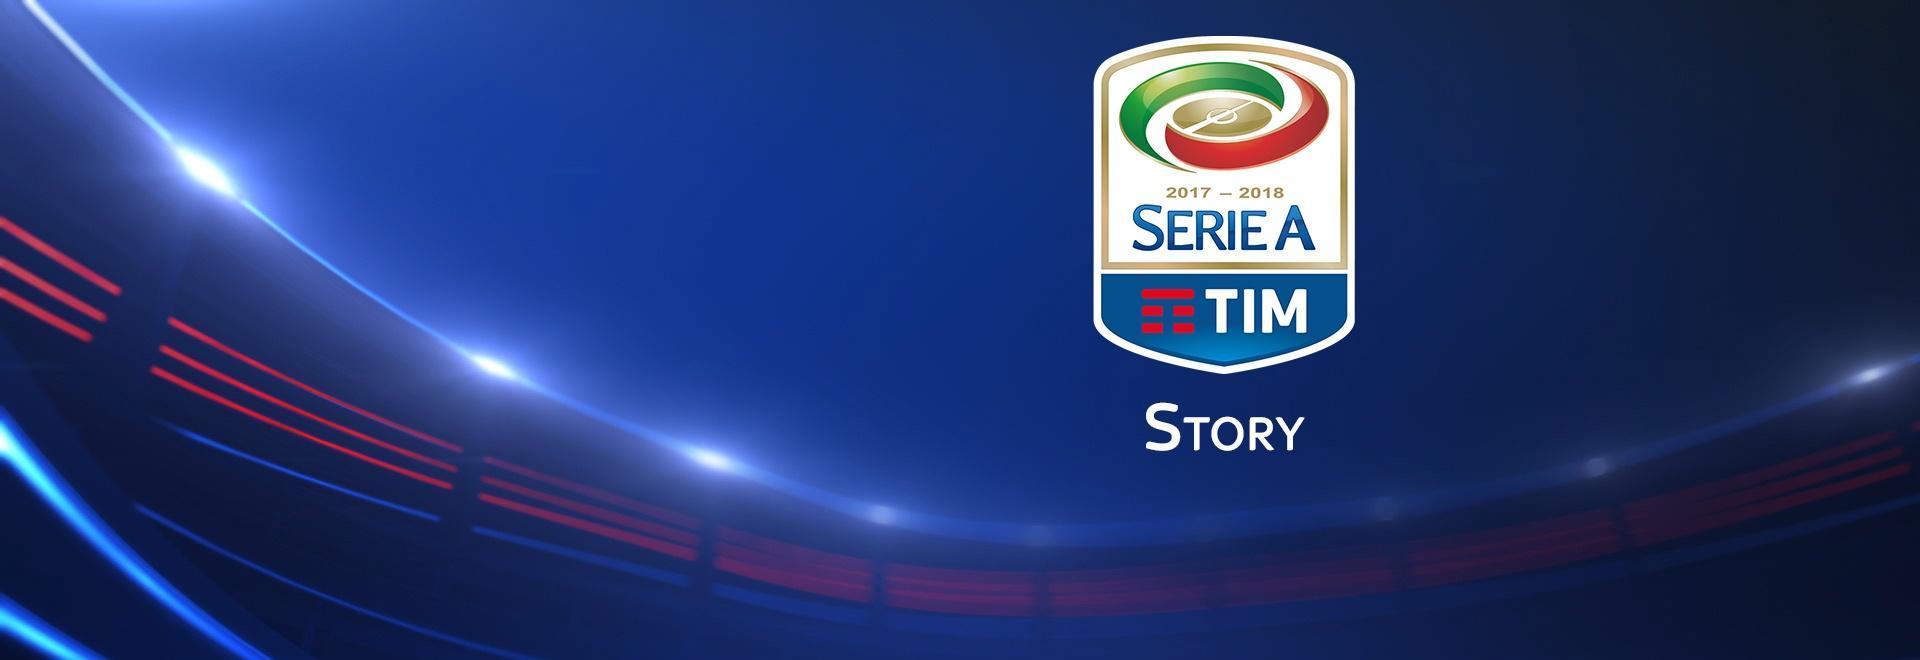 Milan - Juventus 25/11/12